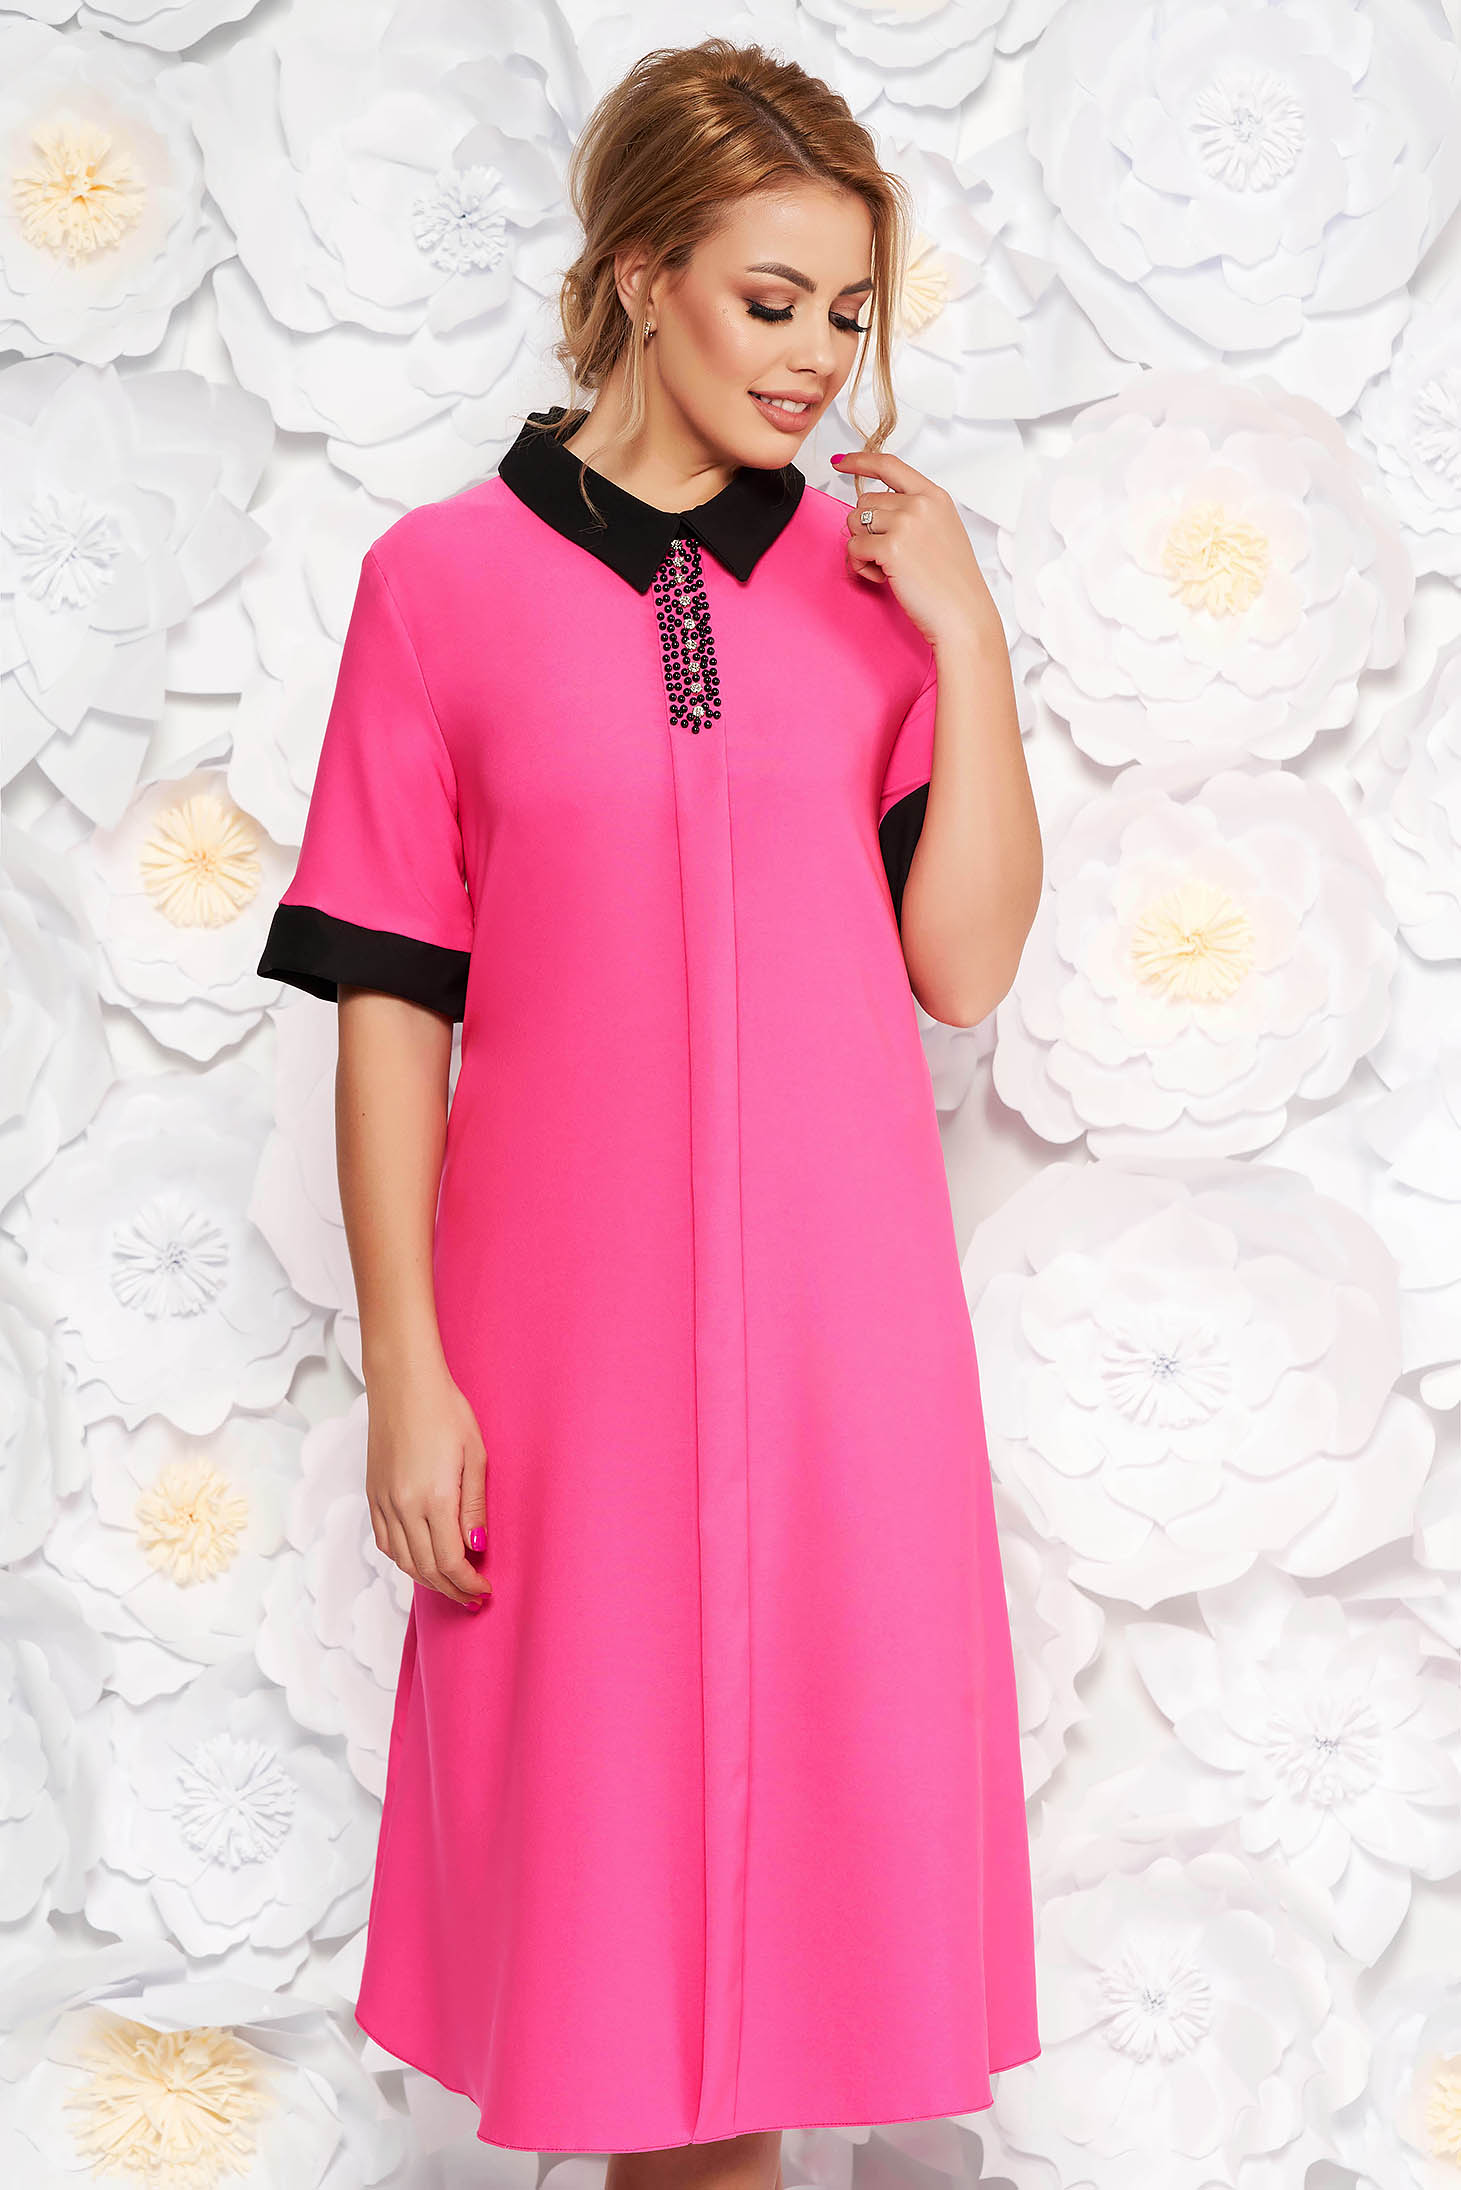 Rochie roz eleganta midi cu croi larg din material fin la atingere cu aplicatii cu margele cu buzunare